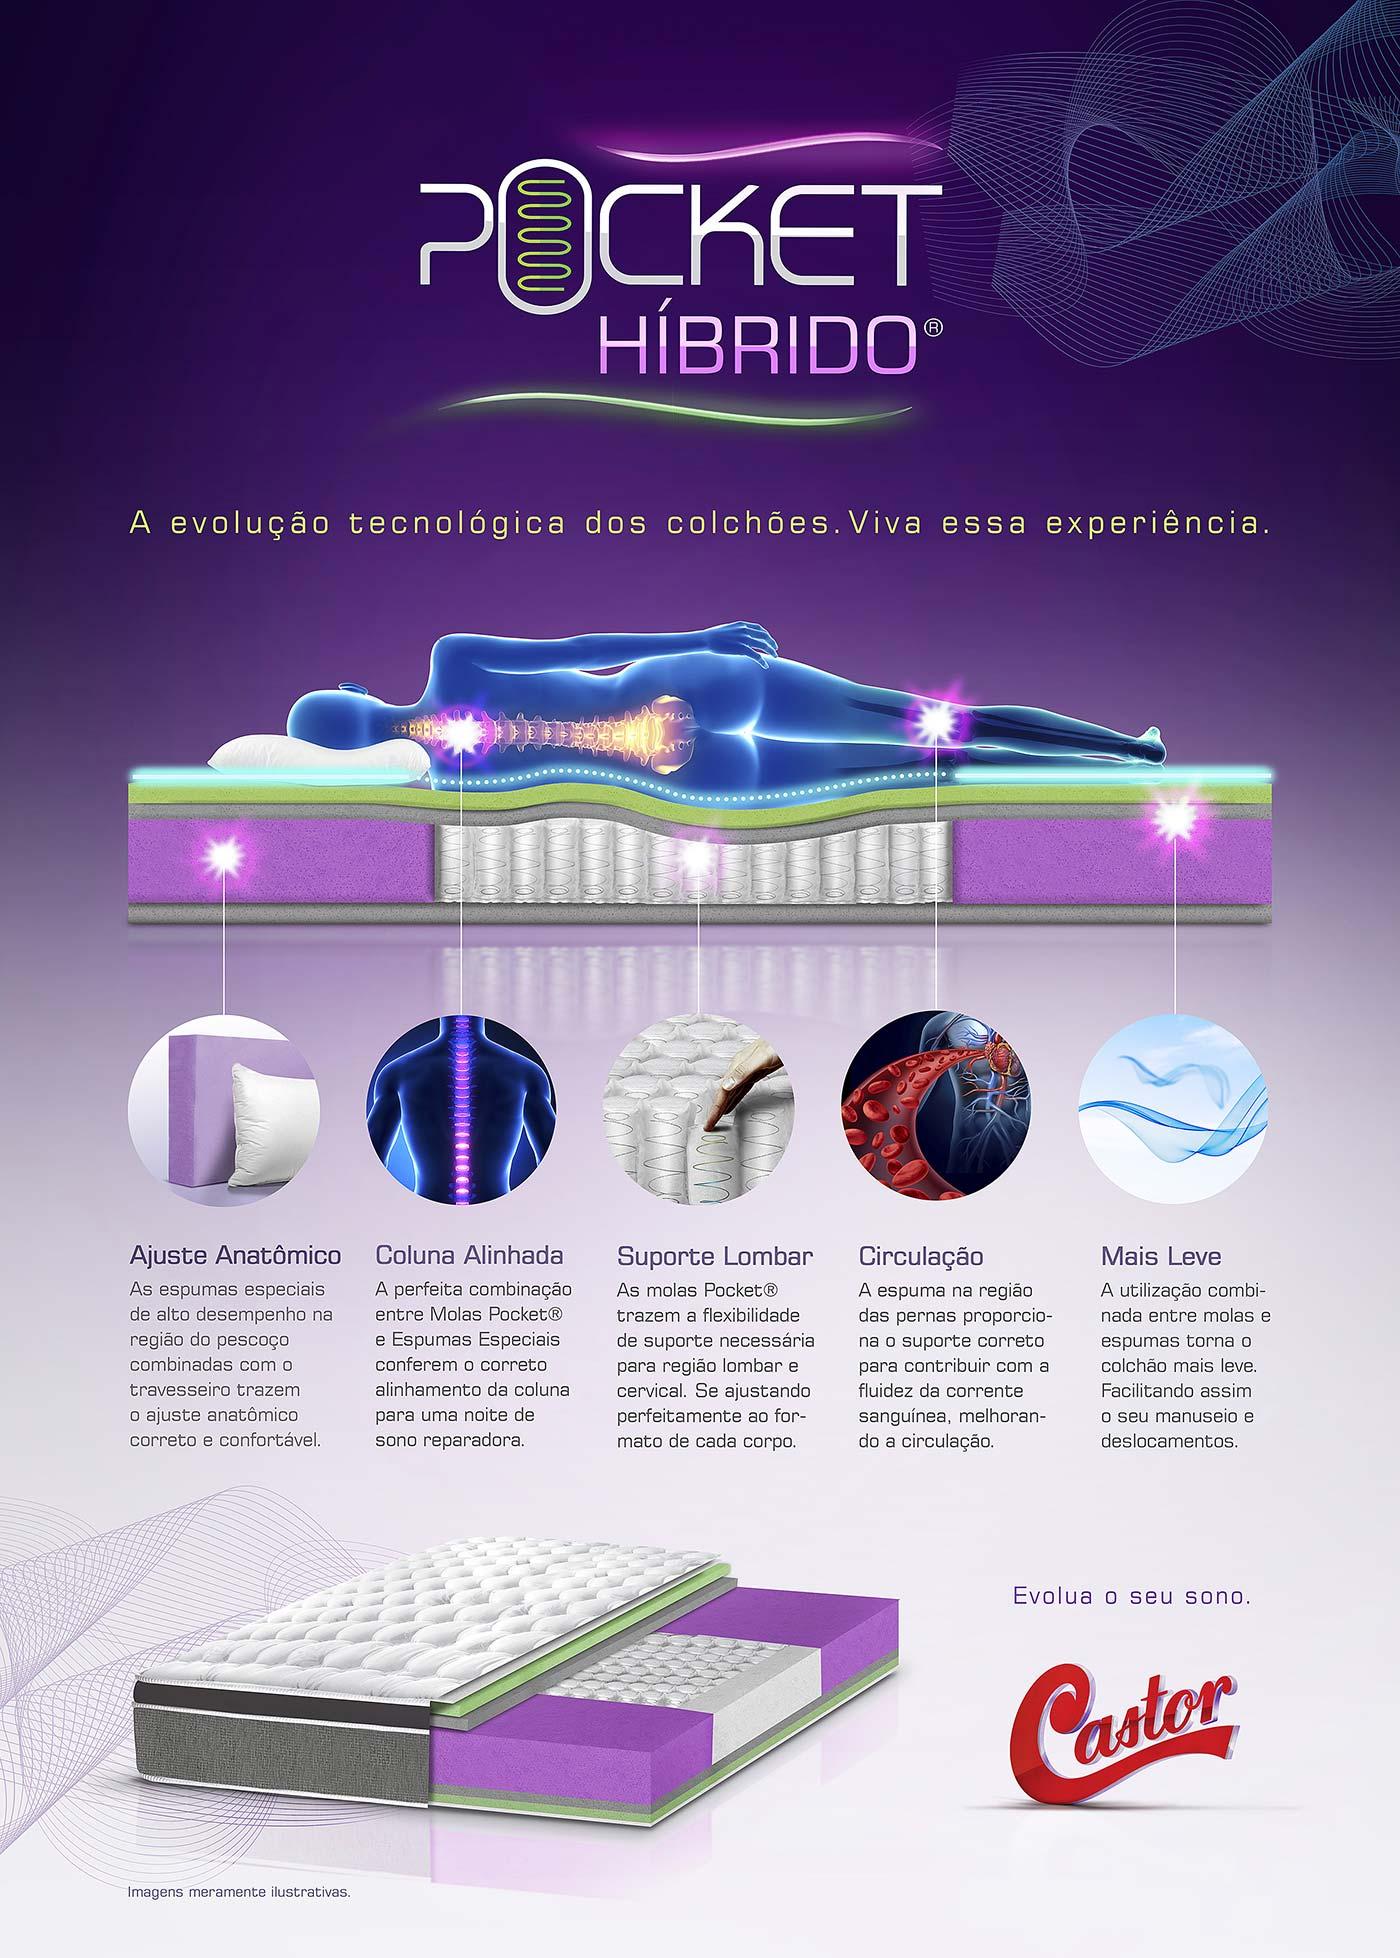 Castor Pocket Hibrido - A evolução tecnologica dos colchões. Viva essa experiência